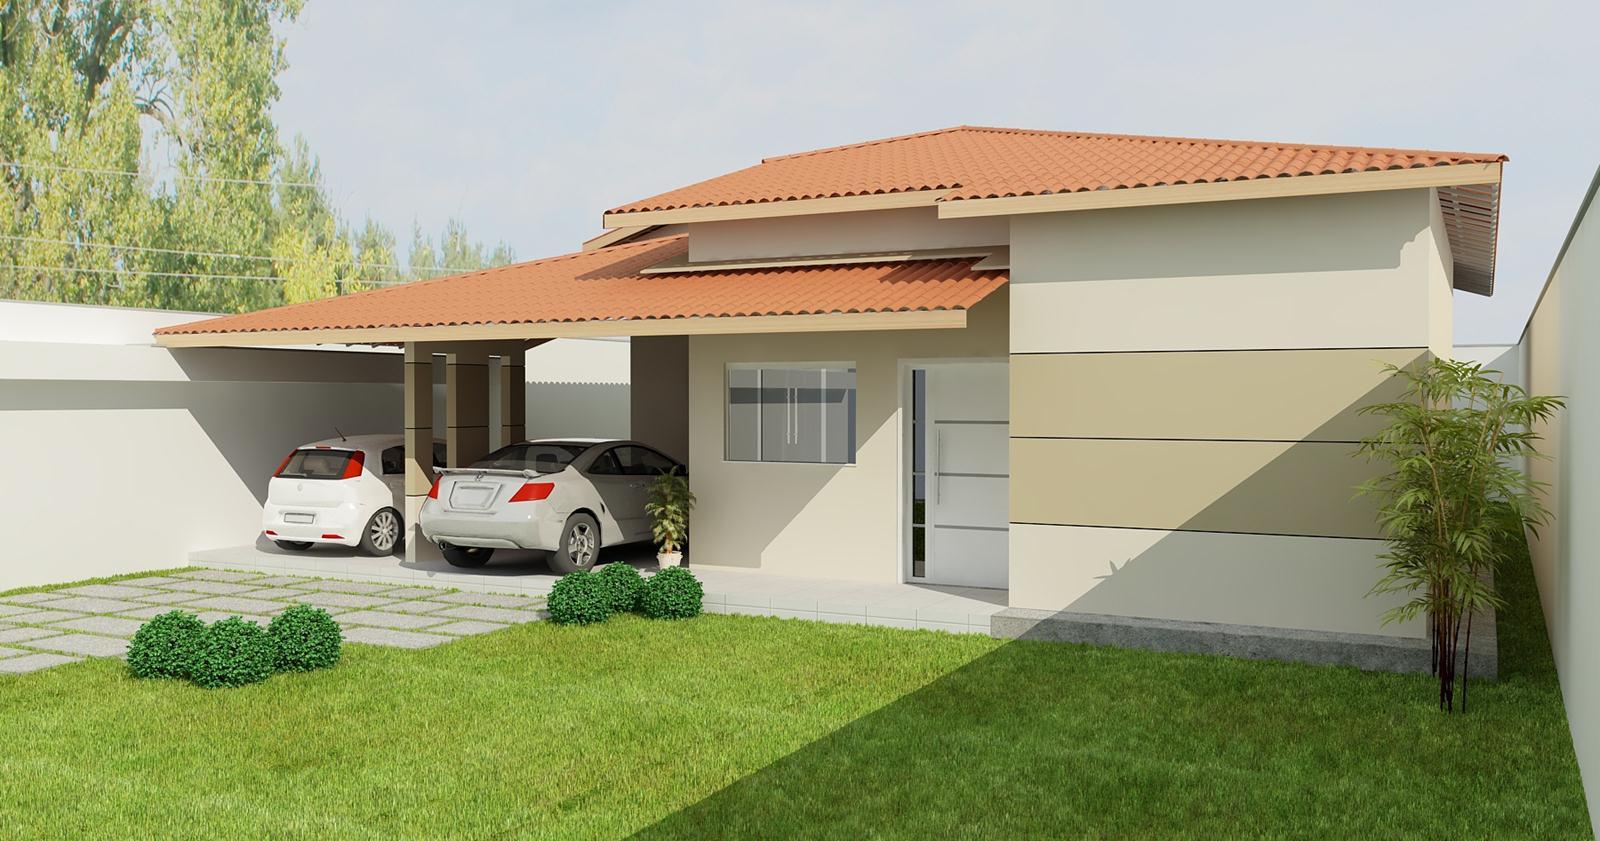 sugestoes-de-fachadas-de-casas-com-telhado